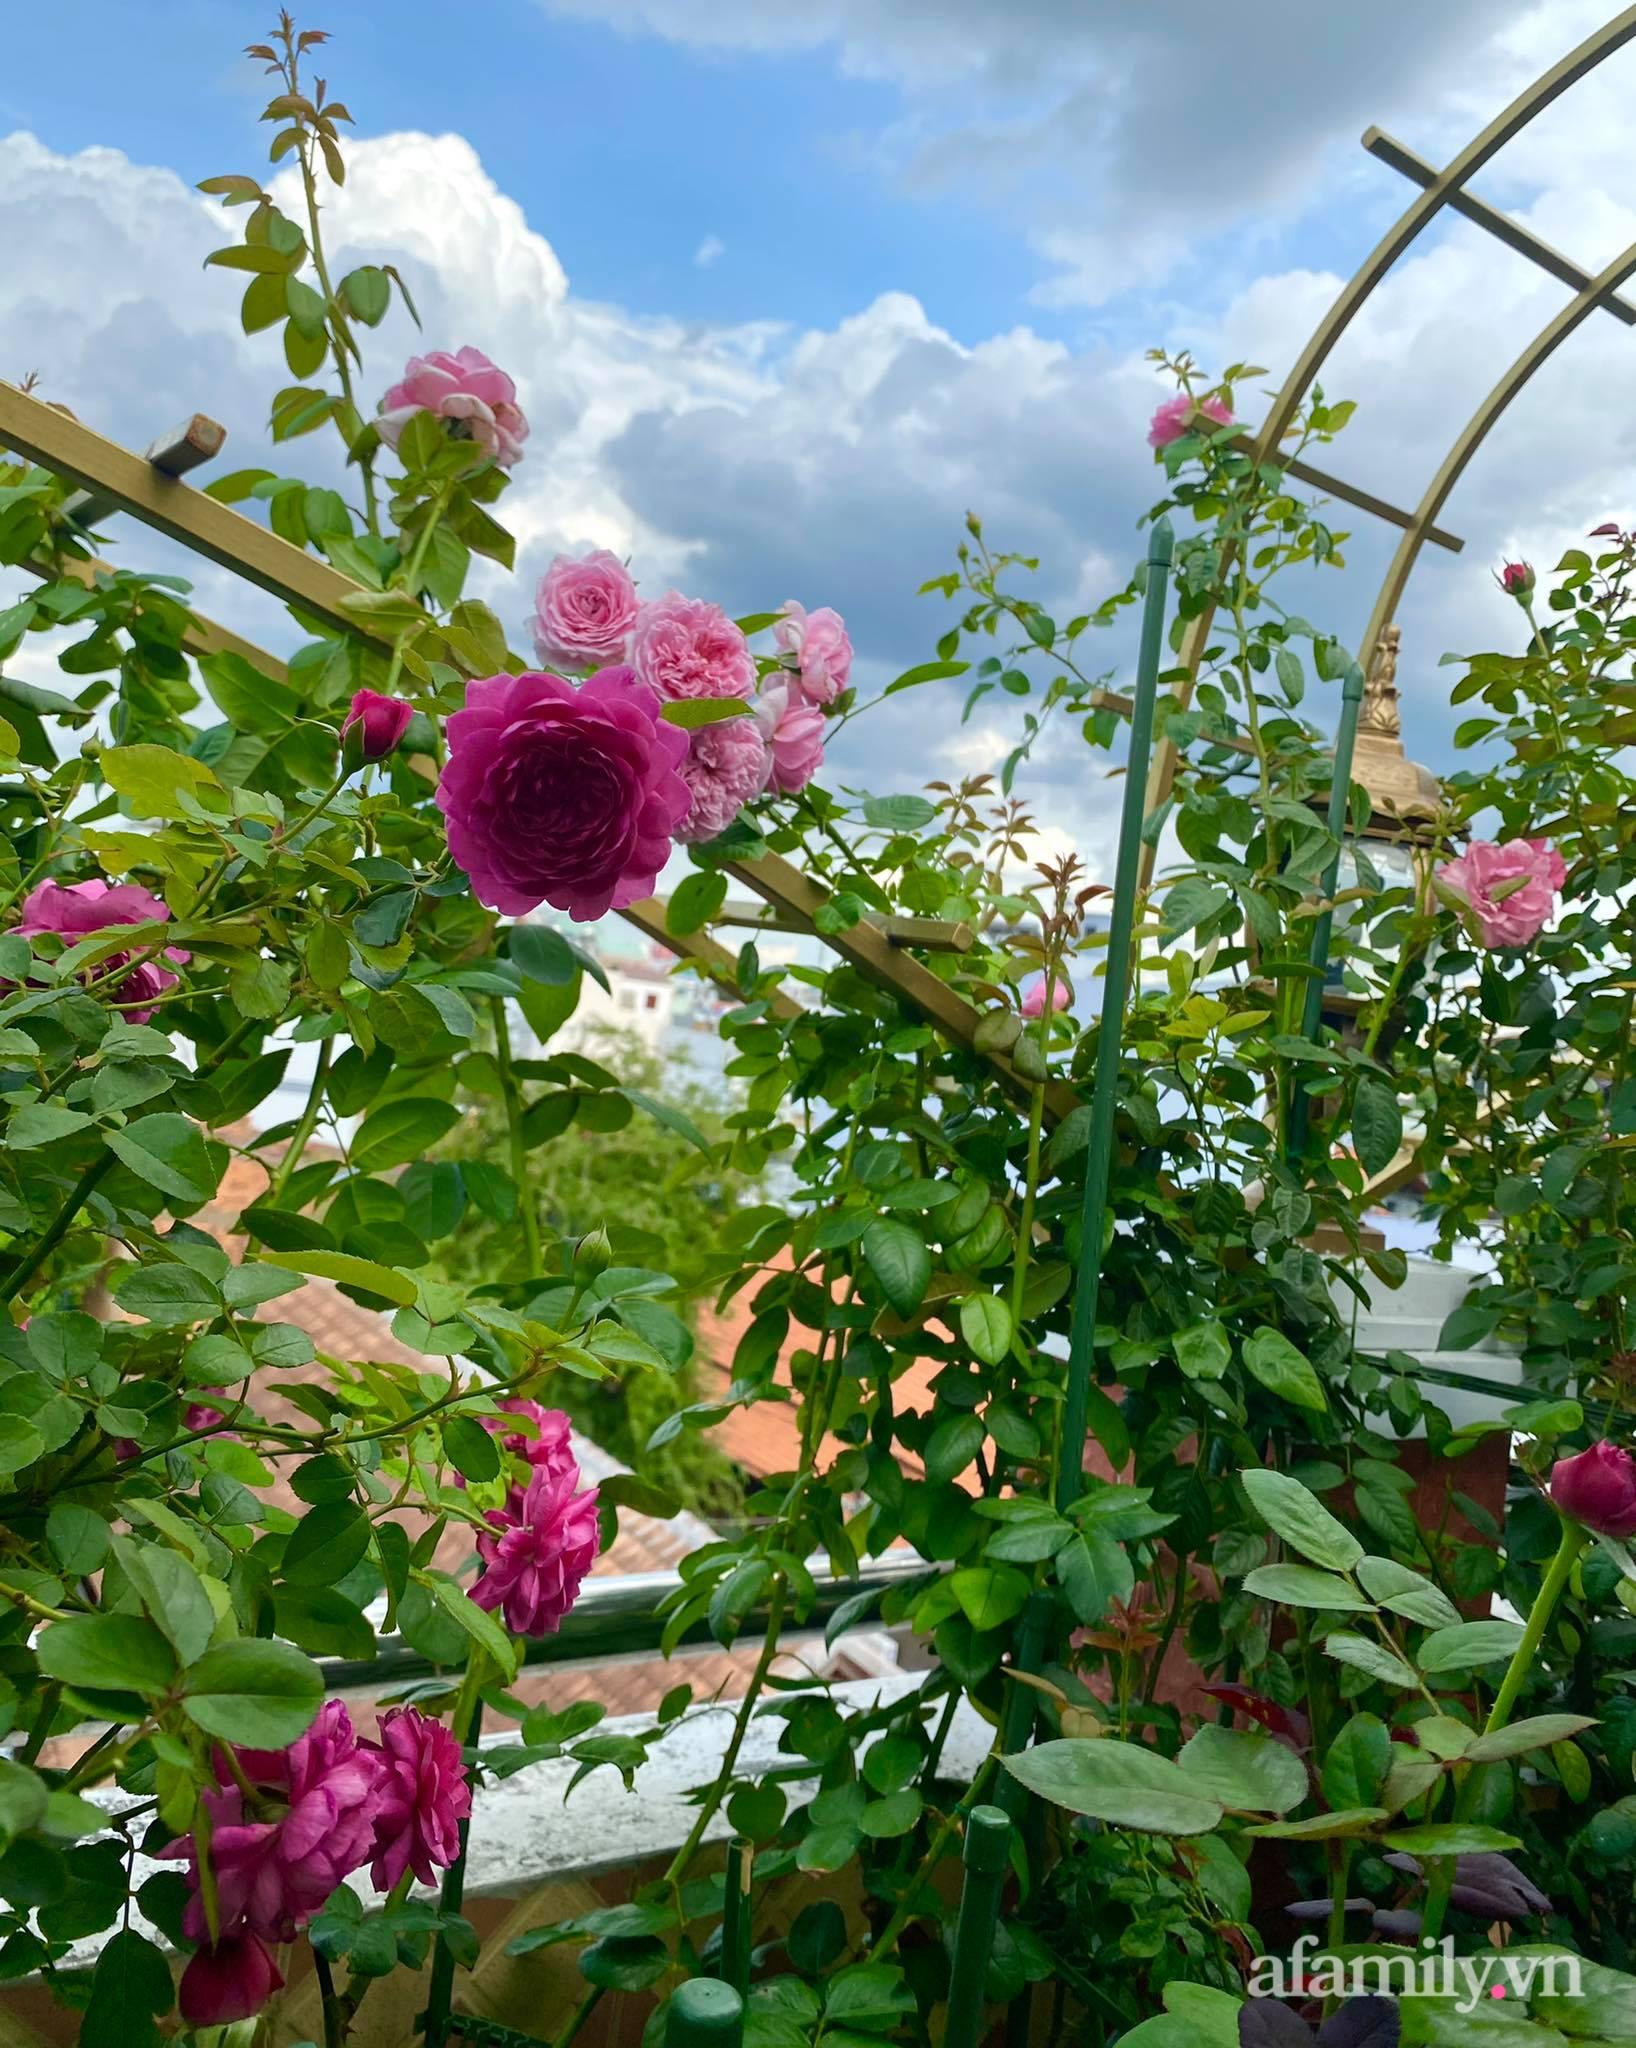 Sân thượng phủ kín hoa hồng và rau quả sạch ở Sài Gòn của Hoa hậu Janny Thủy Trần-20